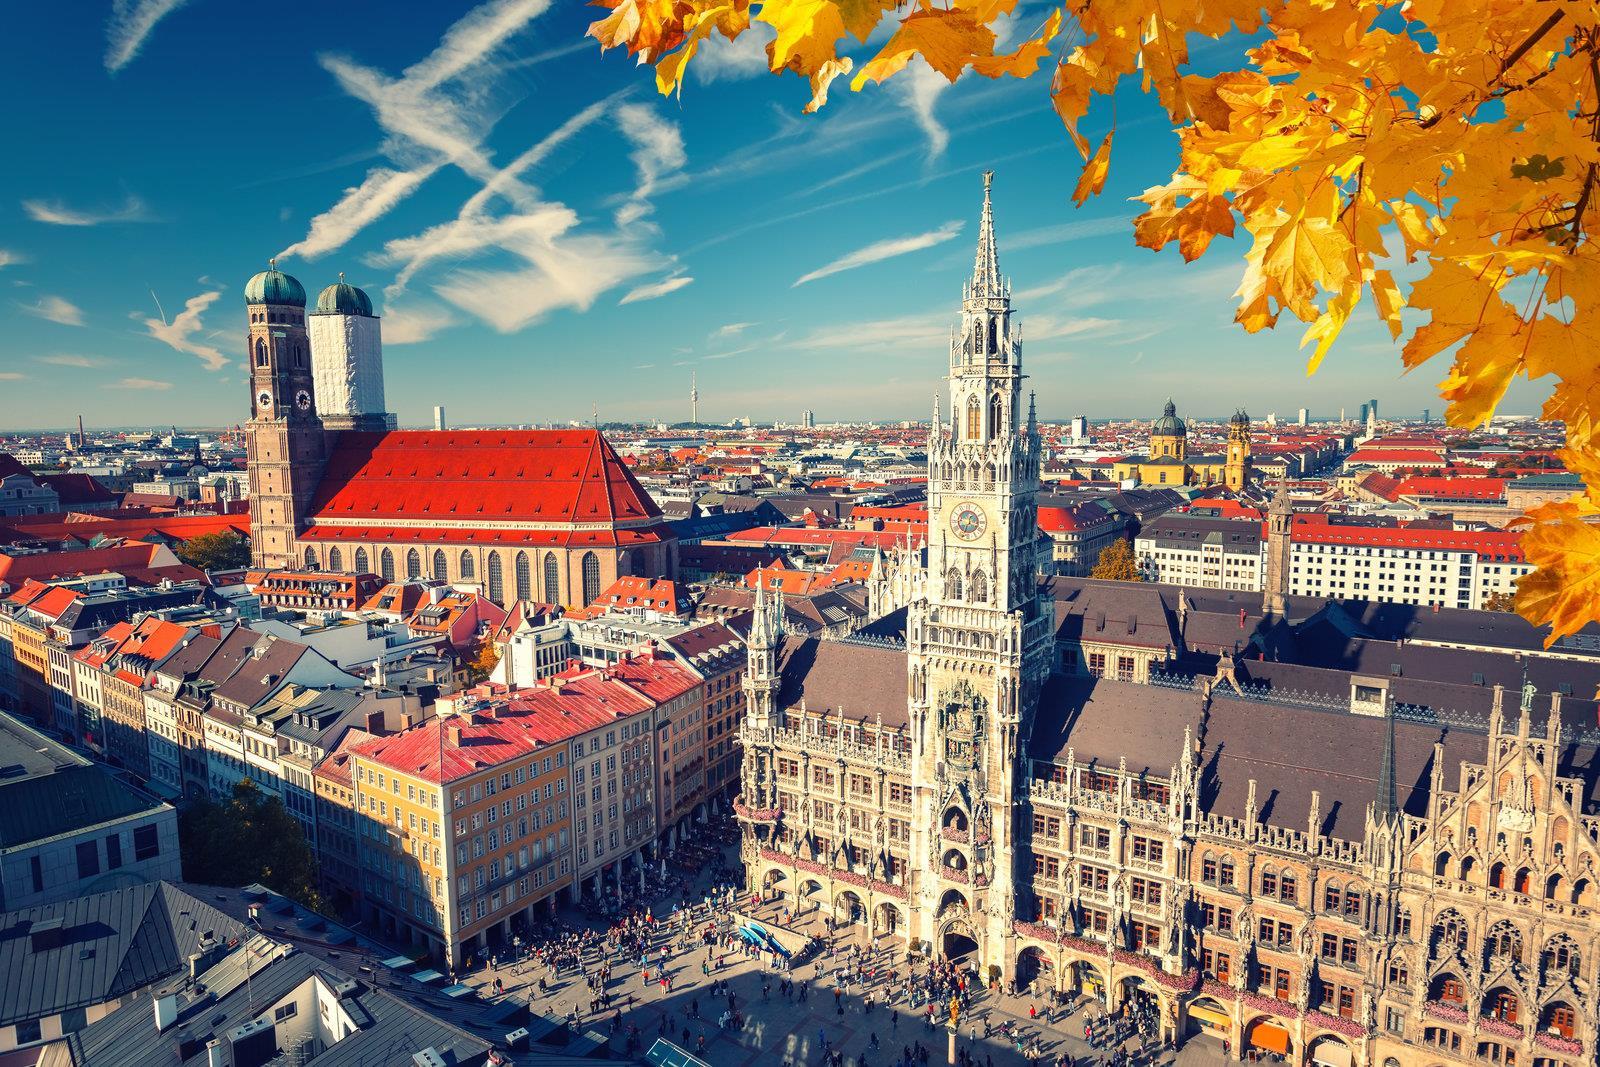 تور 14 روزه دور سوئیس و آلمان